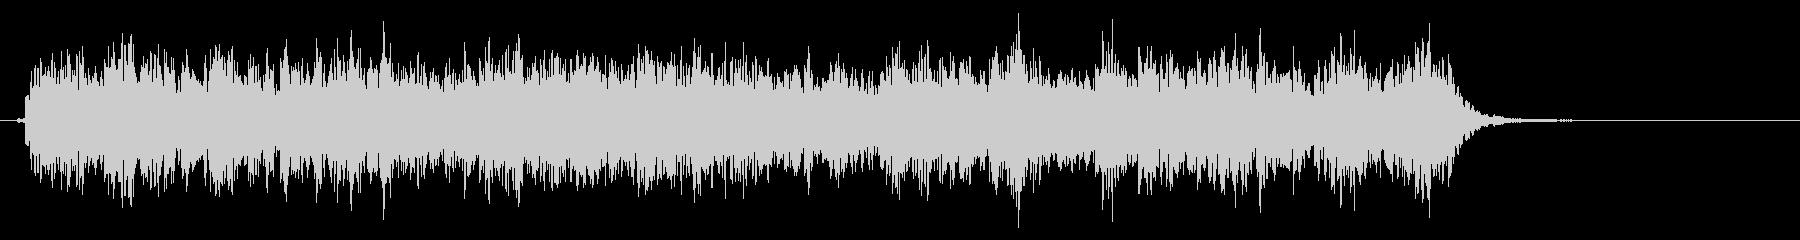 時計 アラーム05-3(遠い)の未再生の波形